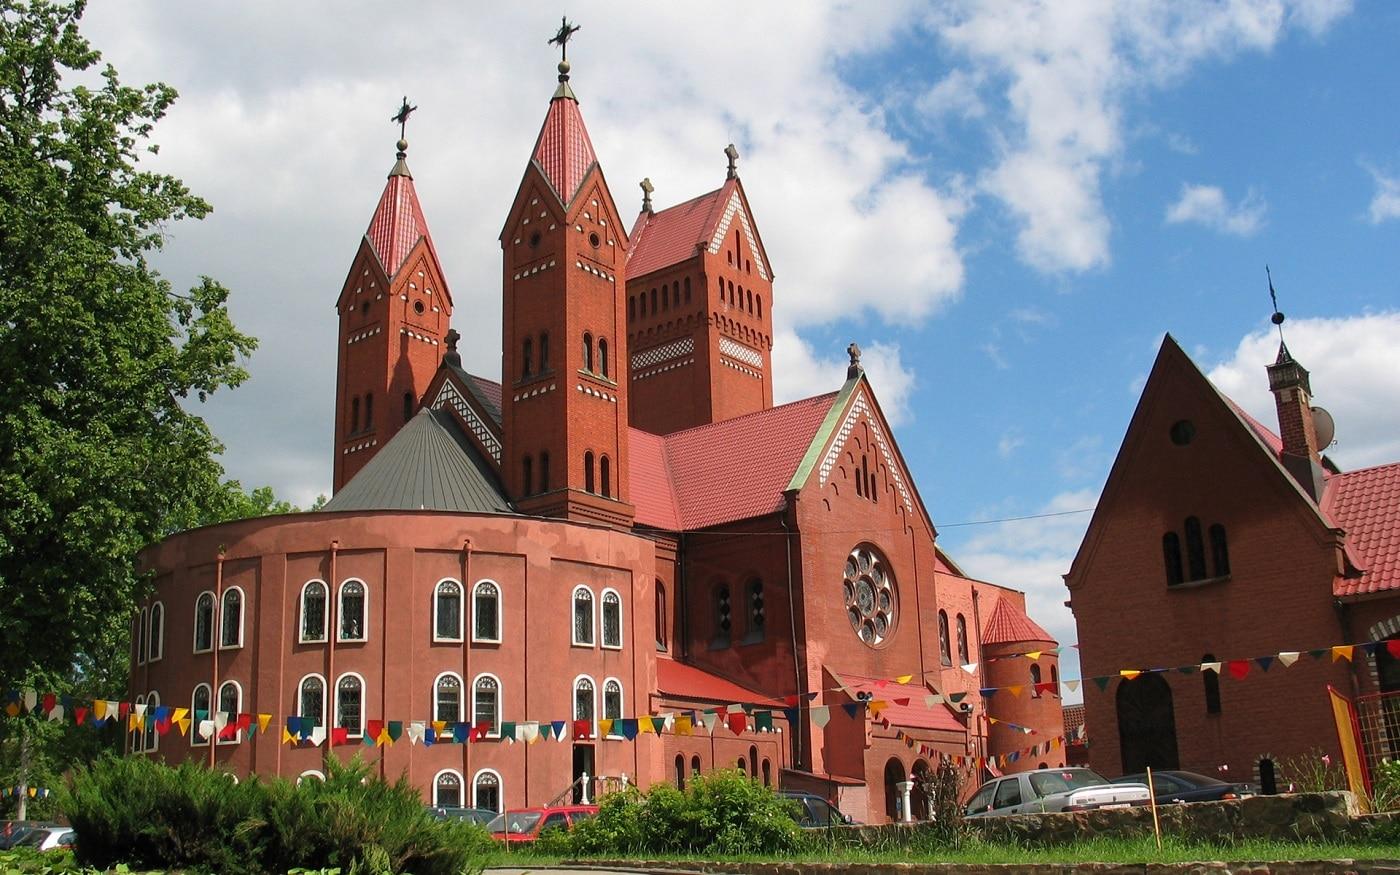 Bisericile din Minsk urmează liniile arhitecturii rusești